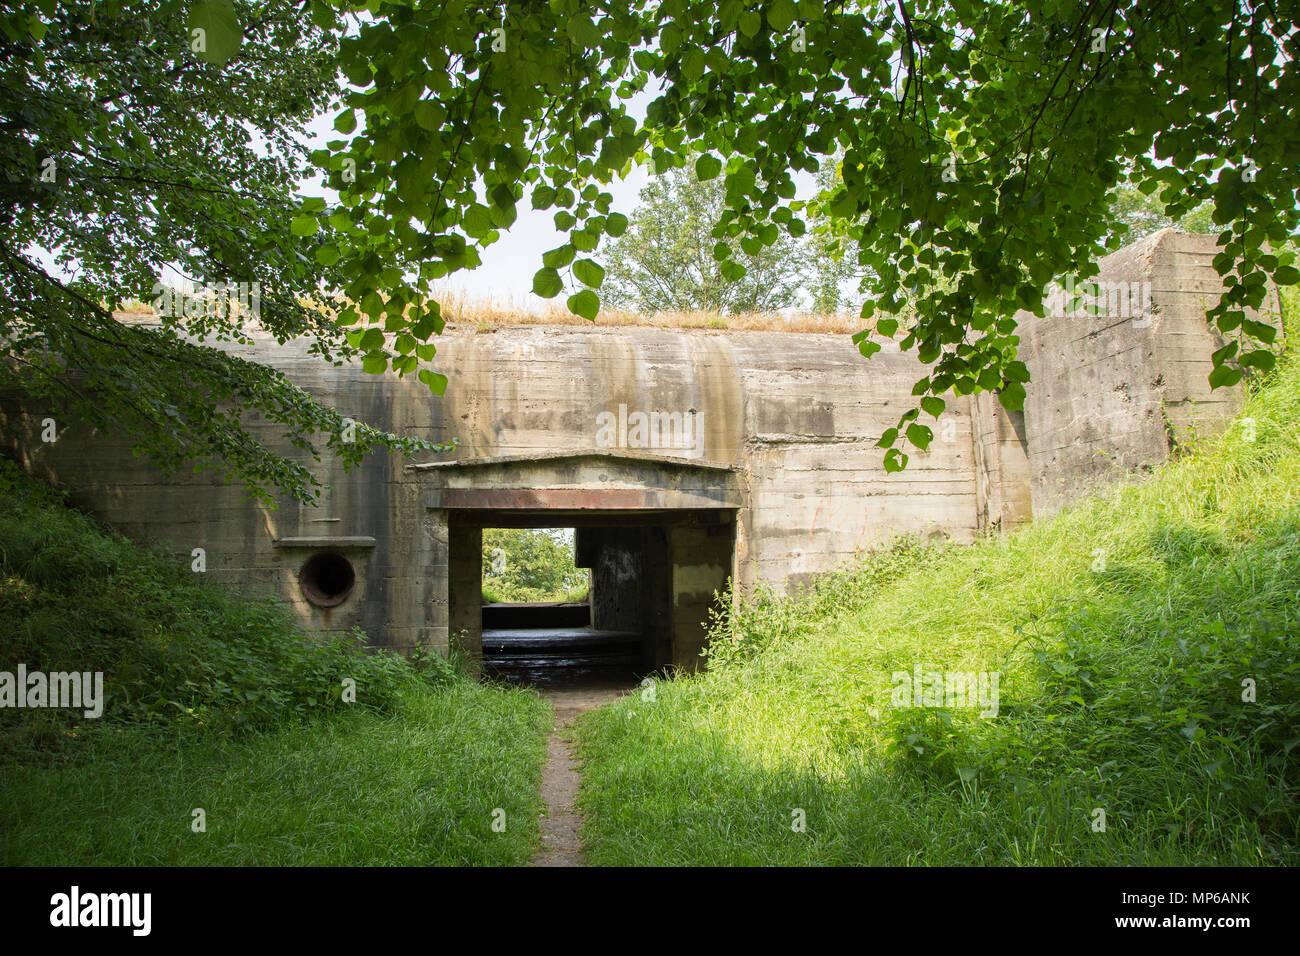 German ww2 bunker type 669 aimed at Het Haringvliet,in the Dutch village Willemstad municipality of Moerdijk. - Stock Image